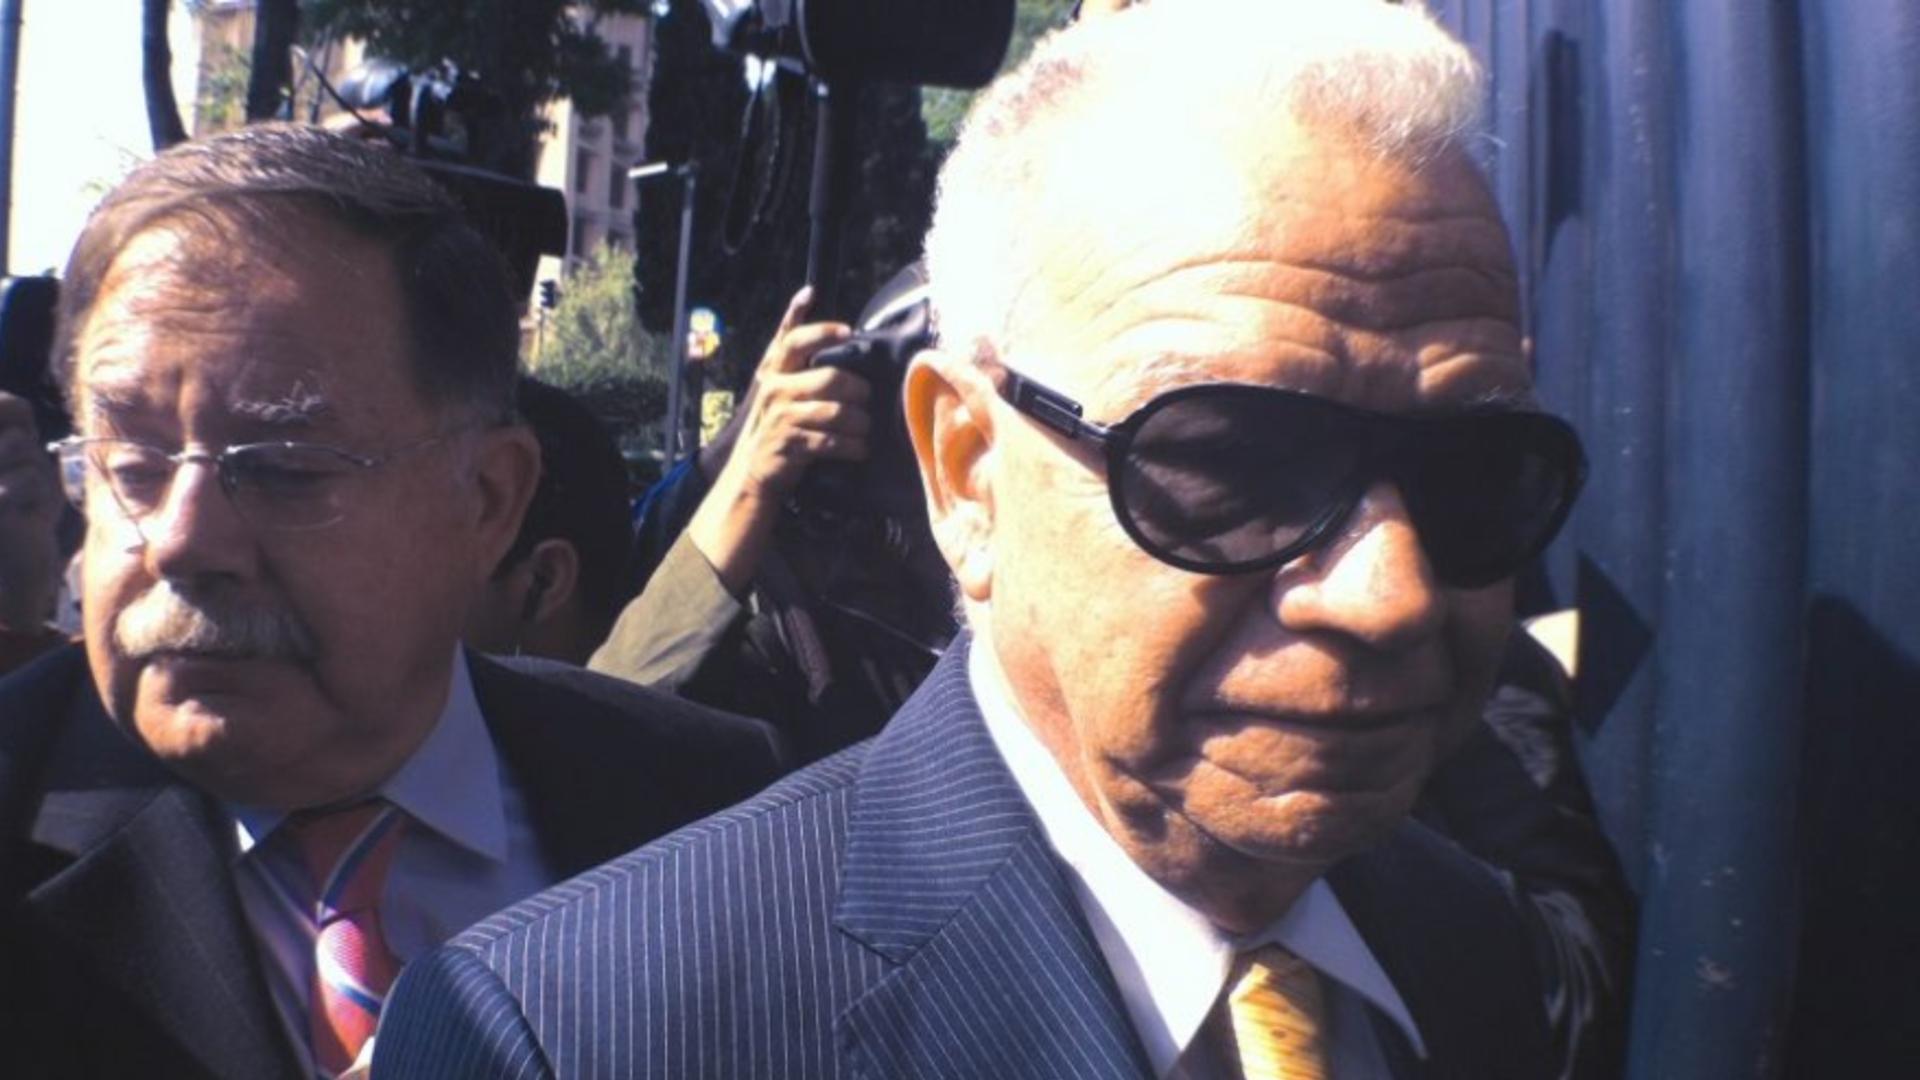 El ex mandatario es investigado por el delito de defraudación fiscal. Foto: Cuartoscuro